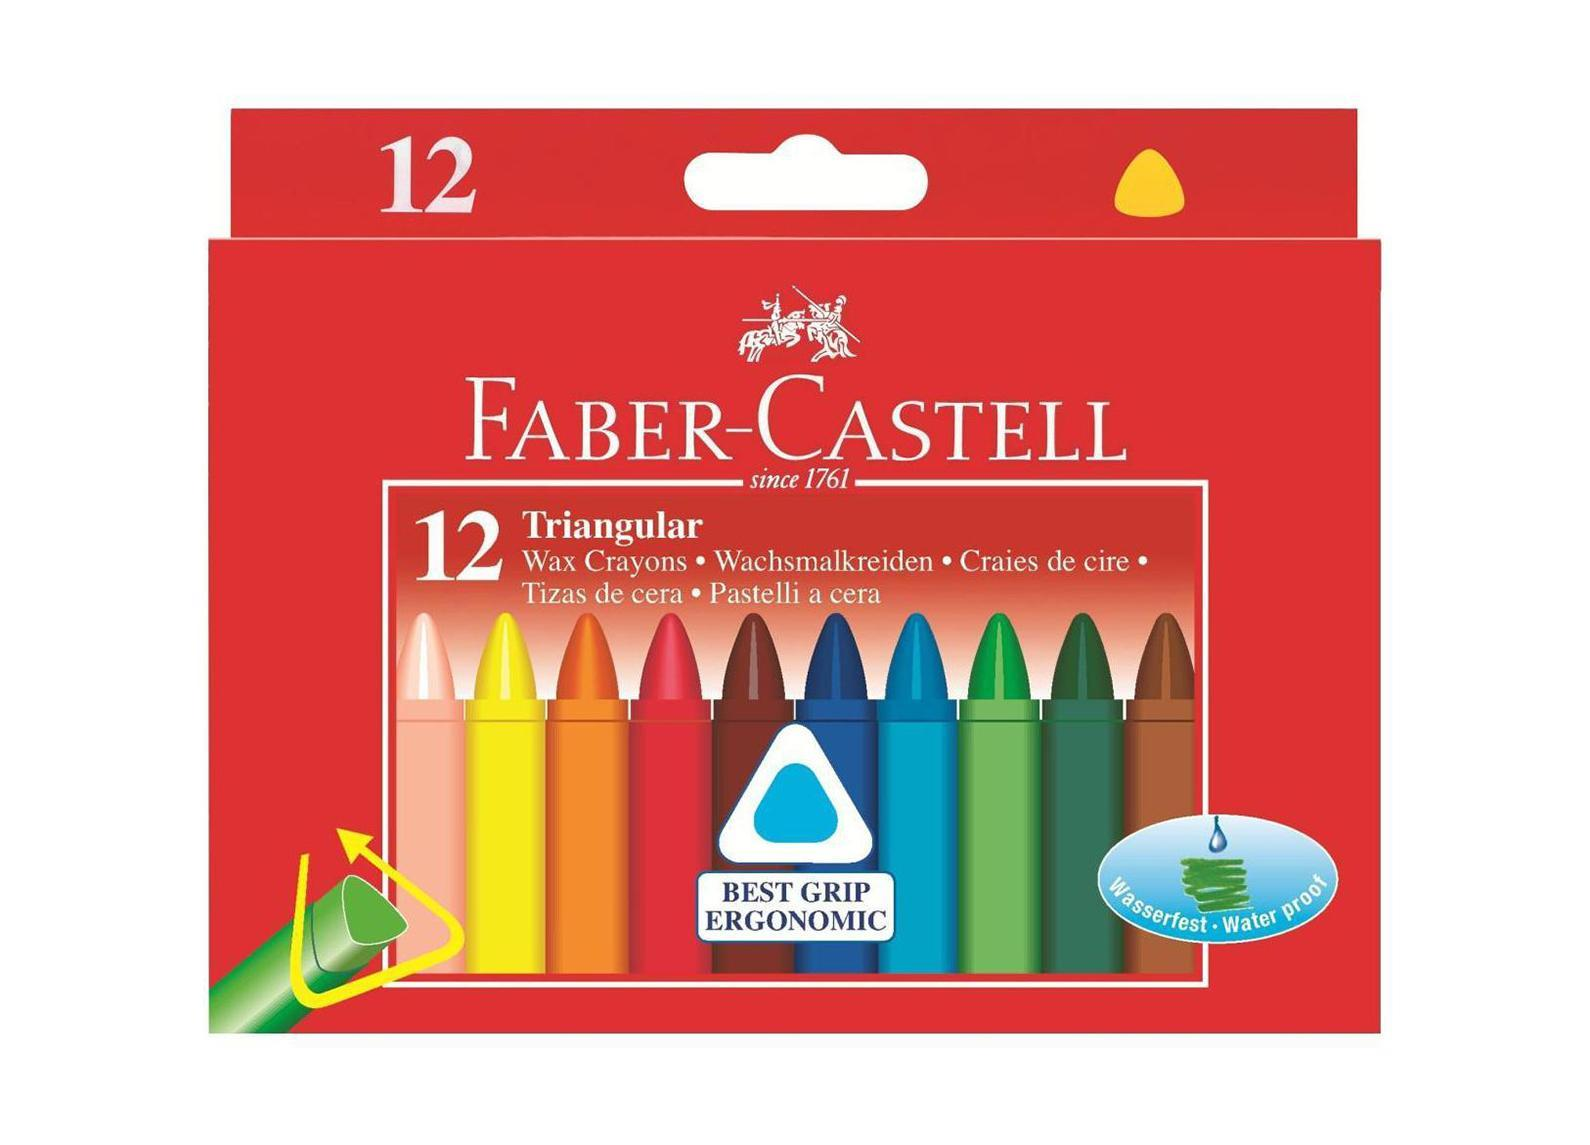 Трехгранные восковые карандаши TRIANGULAR, набор цветов, в картонной коробке, 12 шт.120010Faber Castell Triangular 120010 - это качественные цветные карандаши от известного немецкого производителя. Они оставляют на бумаге яркие и насыщенные цвета. Карандаши изготовлены из качественных и безопасных материалов. Вид карандаша: цветной.